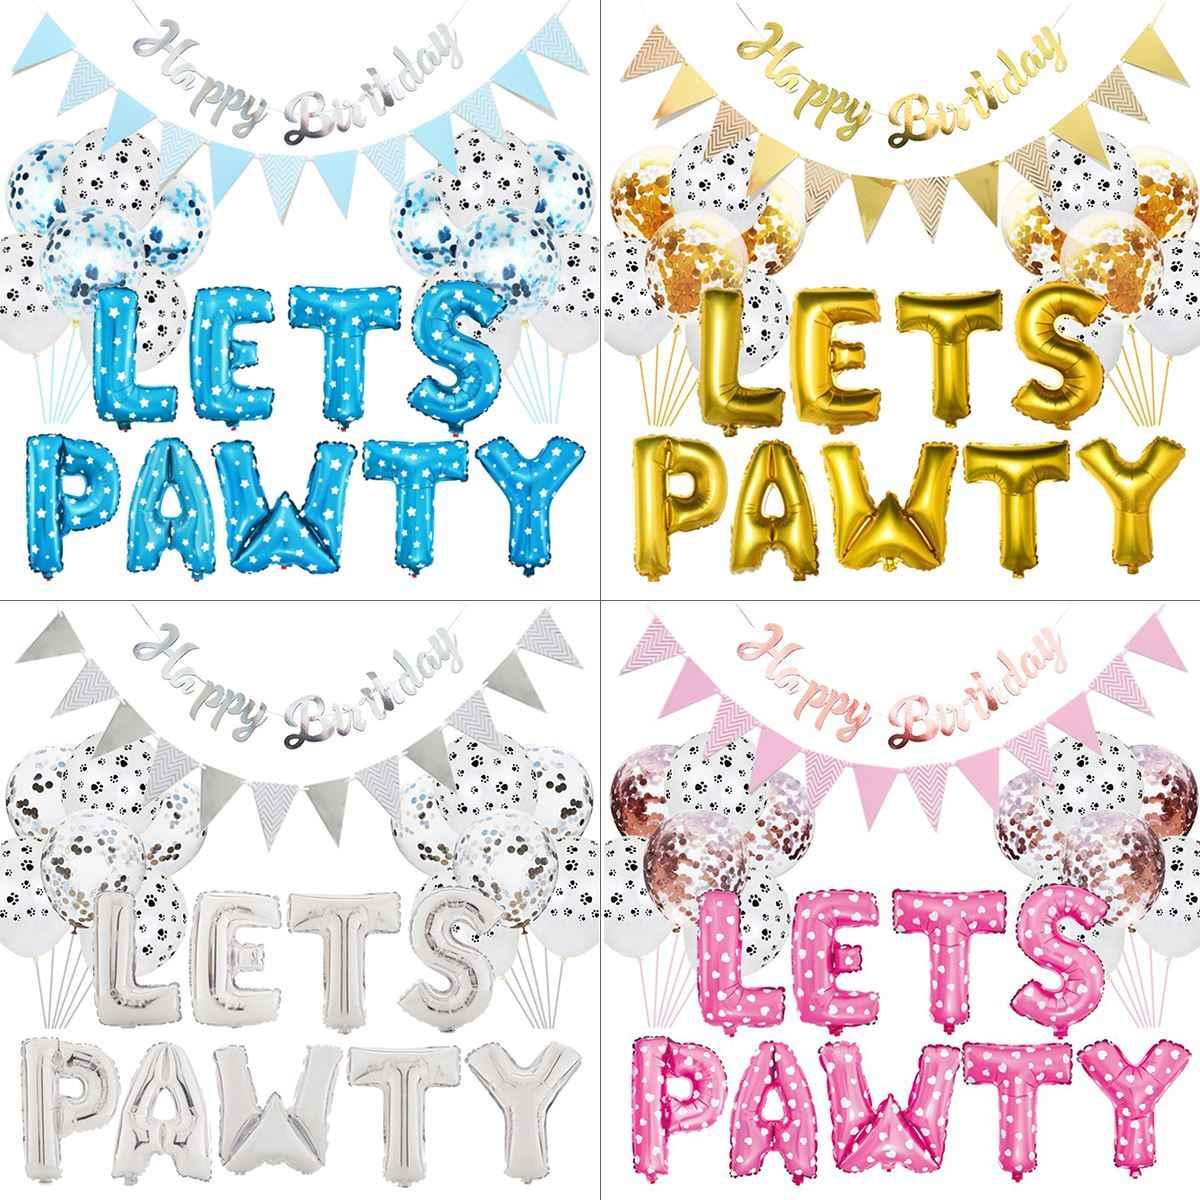 23 ピース/セットペット犬パーティーの装飾キット、 PAWTY 風船誕生日パーティー用品犬猫